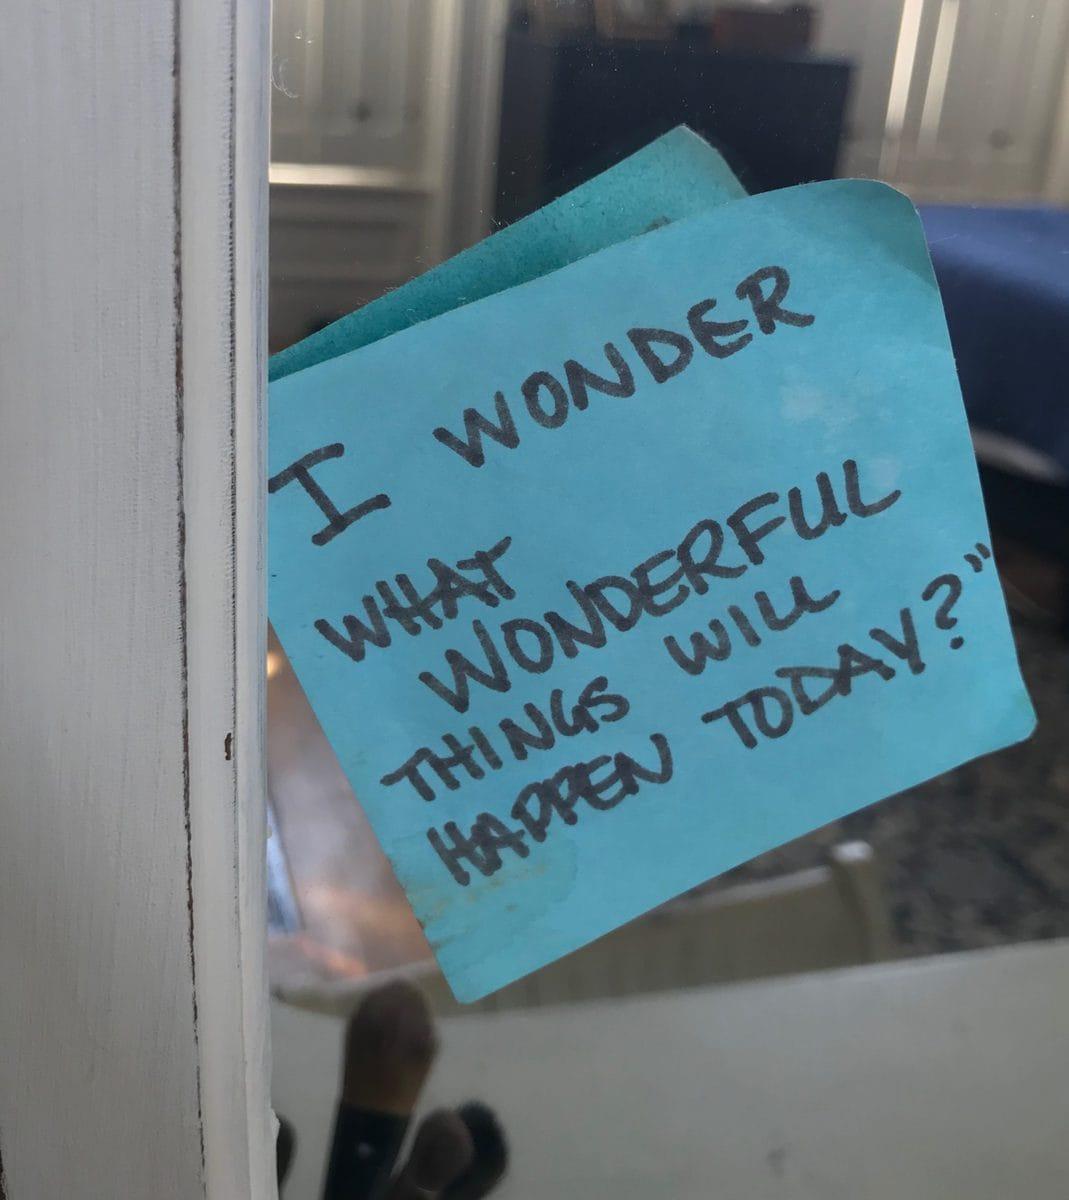 Wonderful things post-it